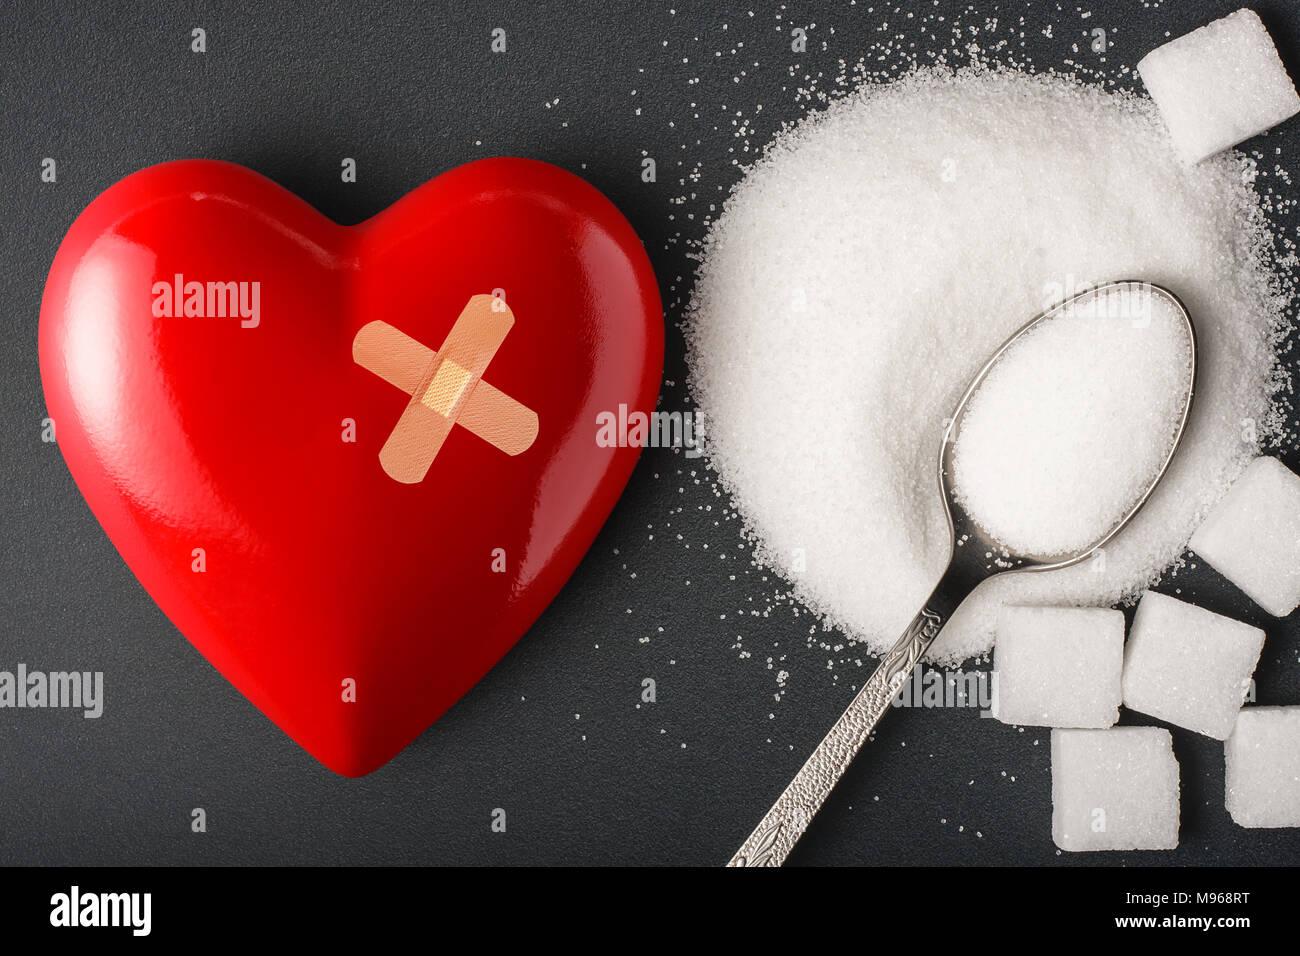 Cibo malsano concetto - zucchero. Cucchiaio con lo zucchero e il cuore con bendaggio Immagini Stock